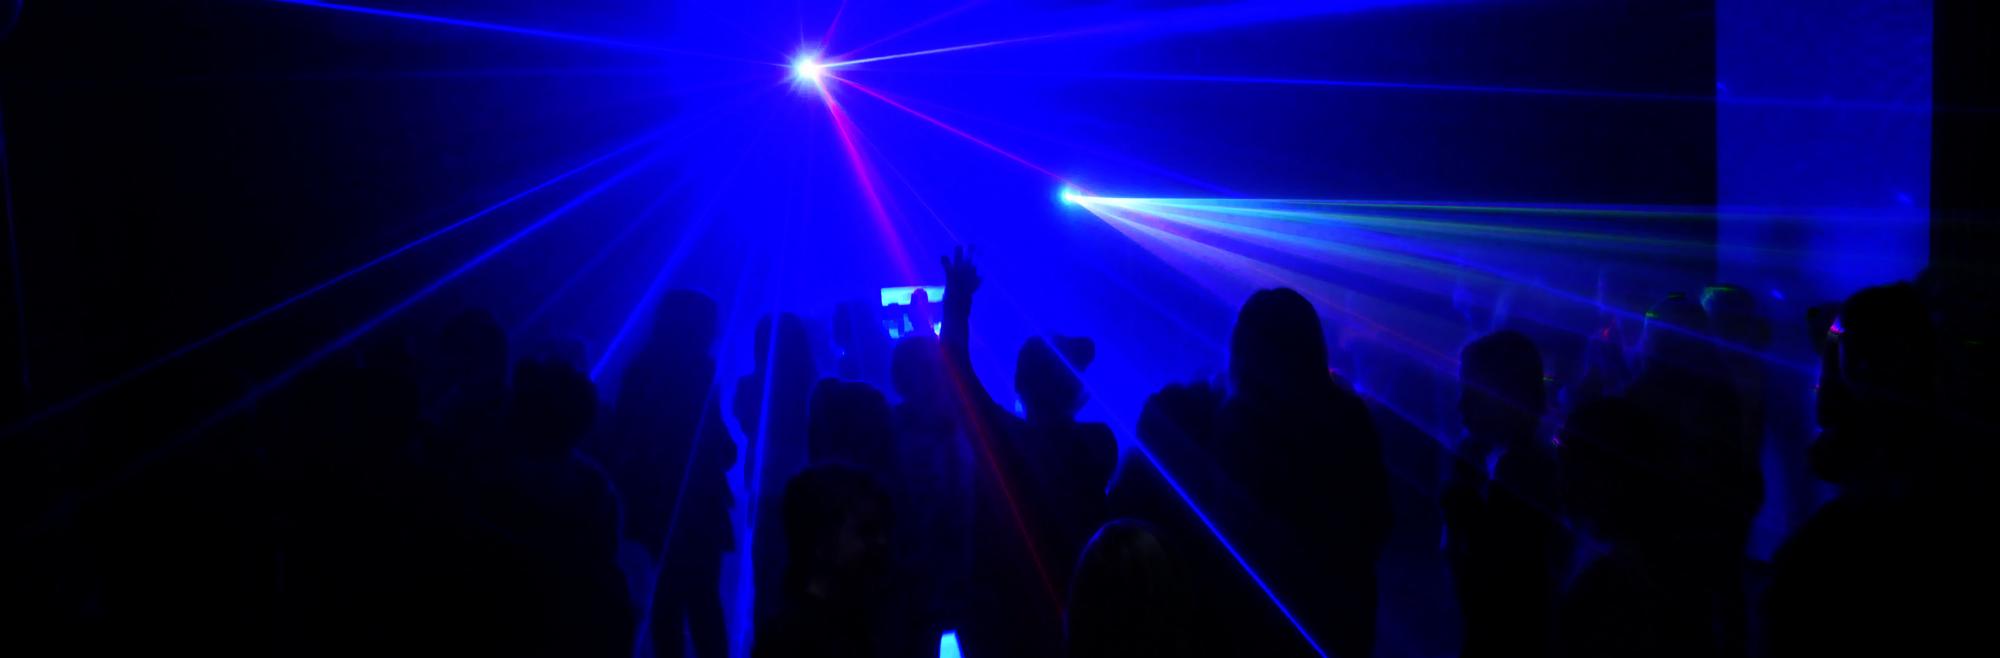 Afbeelding van de DANCE e-VEN-t 7-9-2019 (6-8) event area